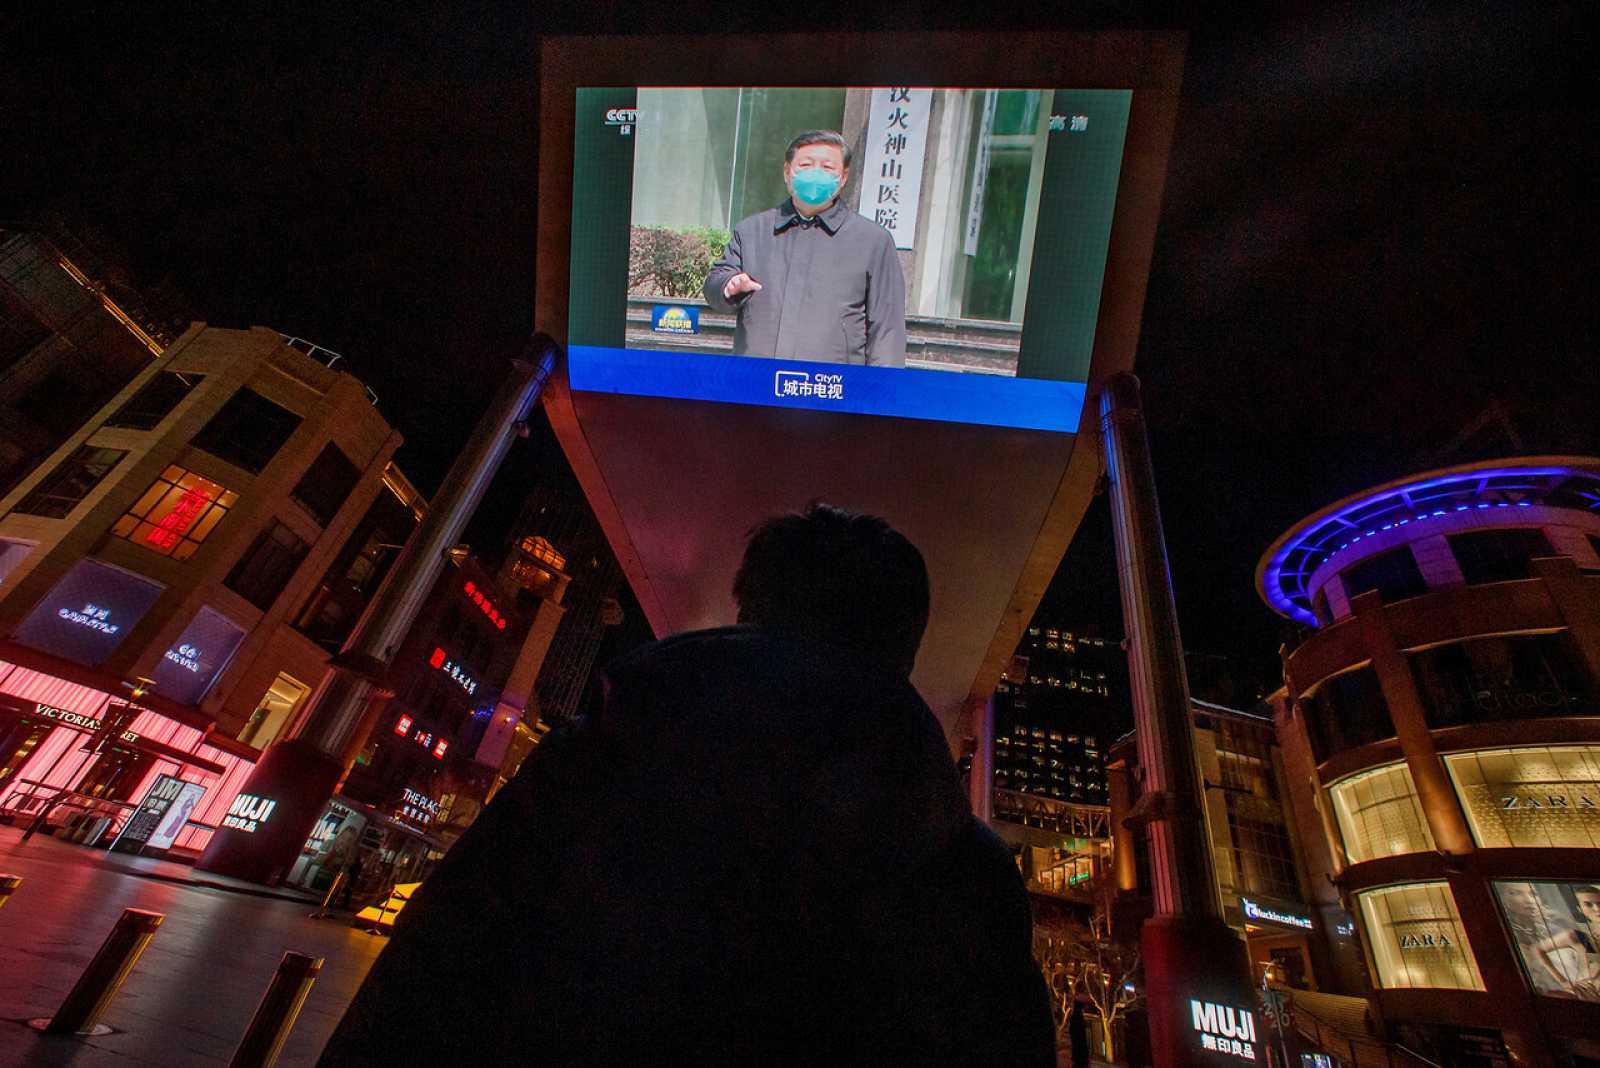 Una pantalla muestra al presidente chino, Xi Jinping, durante su visita a Wuhan